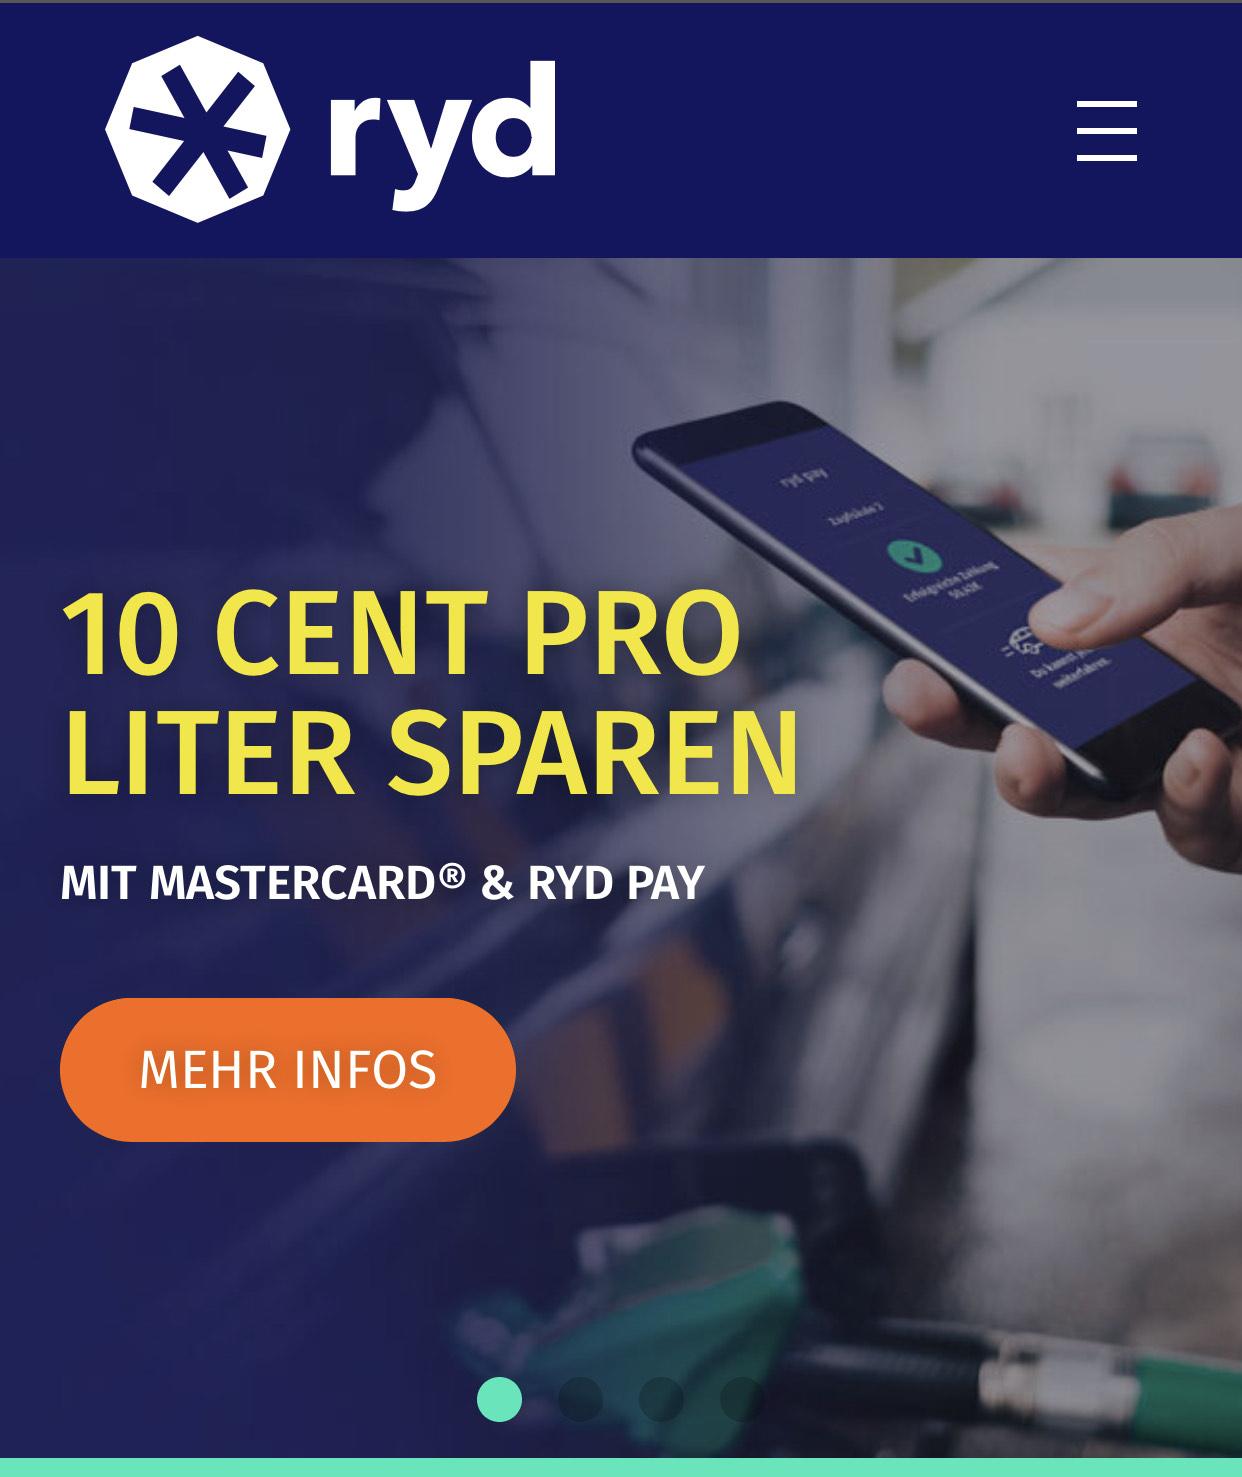 ryd pay & Mastercard - 10 Cent pro Liter beim Tanken sparen *Neukunden*